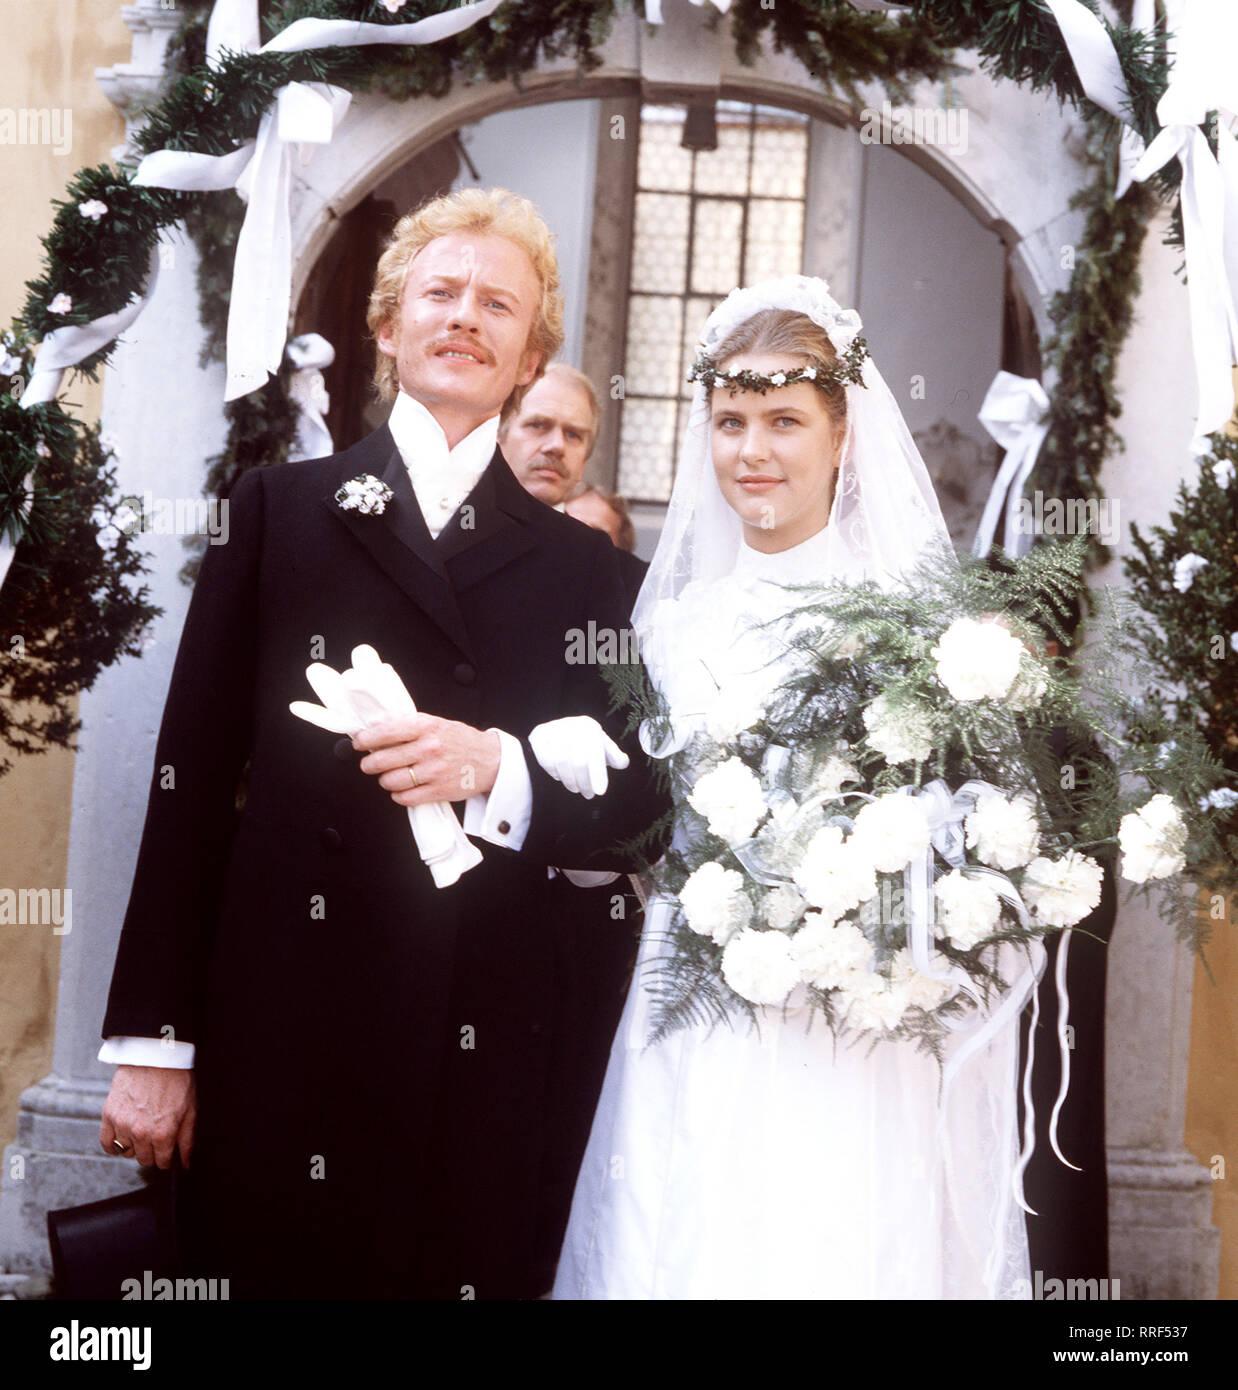 DER Folge TROTZKOPF: Hochzeit Ilse (ANJA SCHÜTE) ist zu Leo (RAINER GOERNE-MANN) zurückgekehrt. Così kommt es doch zu einem glücklichen Ende für die zwei... aka. Hochzeit 8 / Überschrift: DER TROTZKOPF / BRD 1983 Immagini Stock